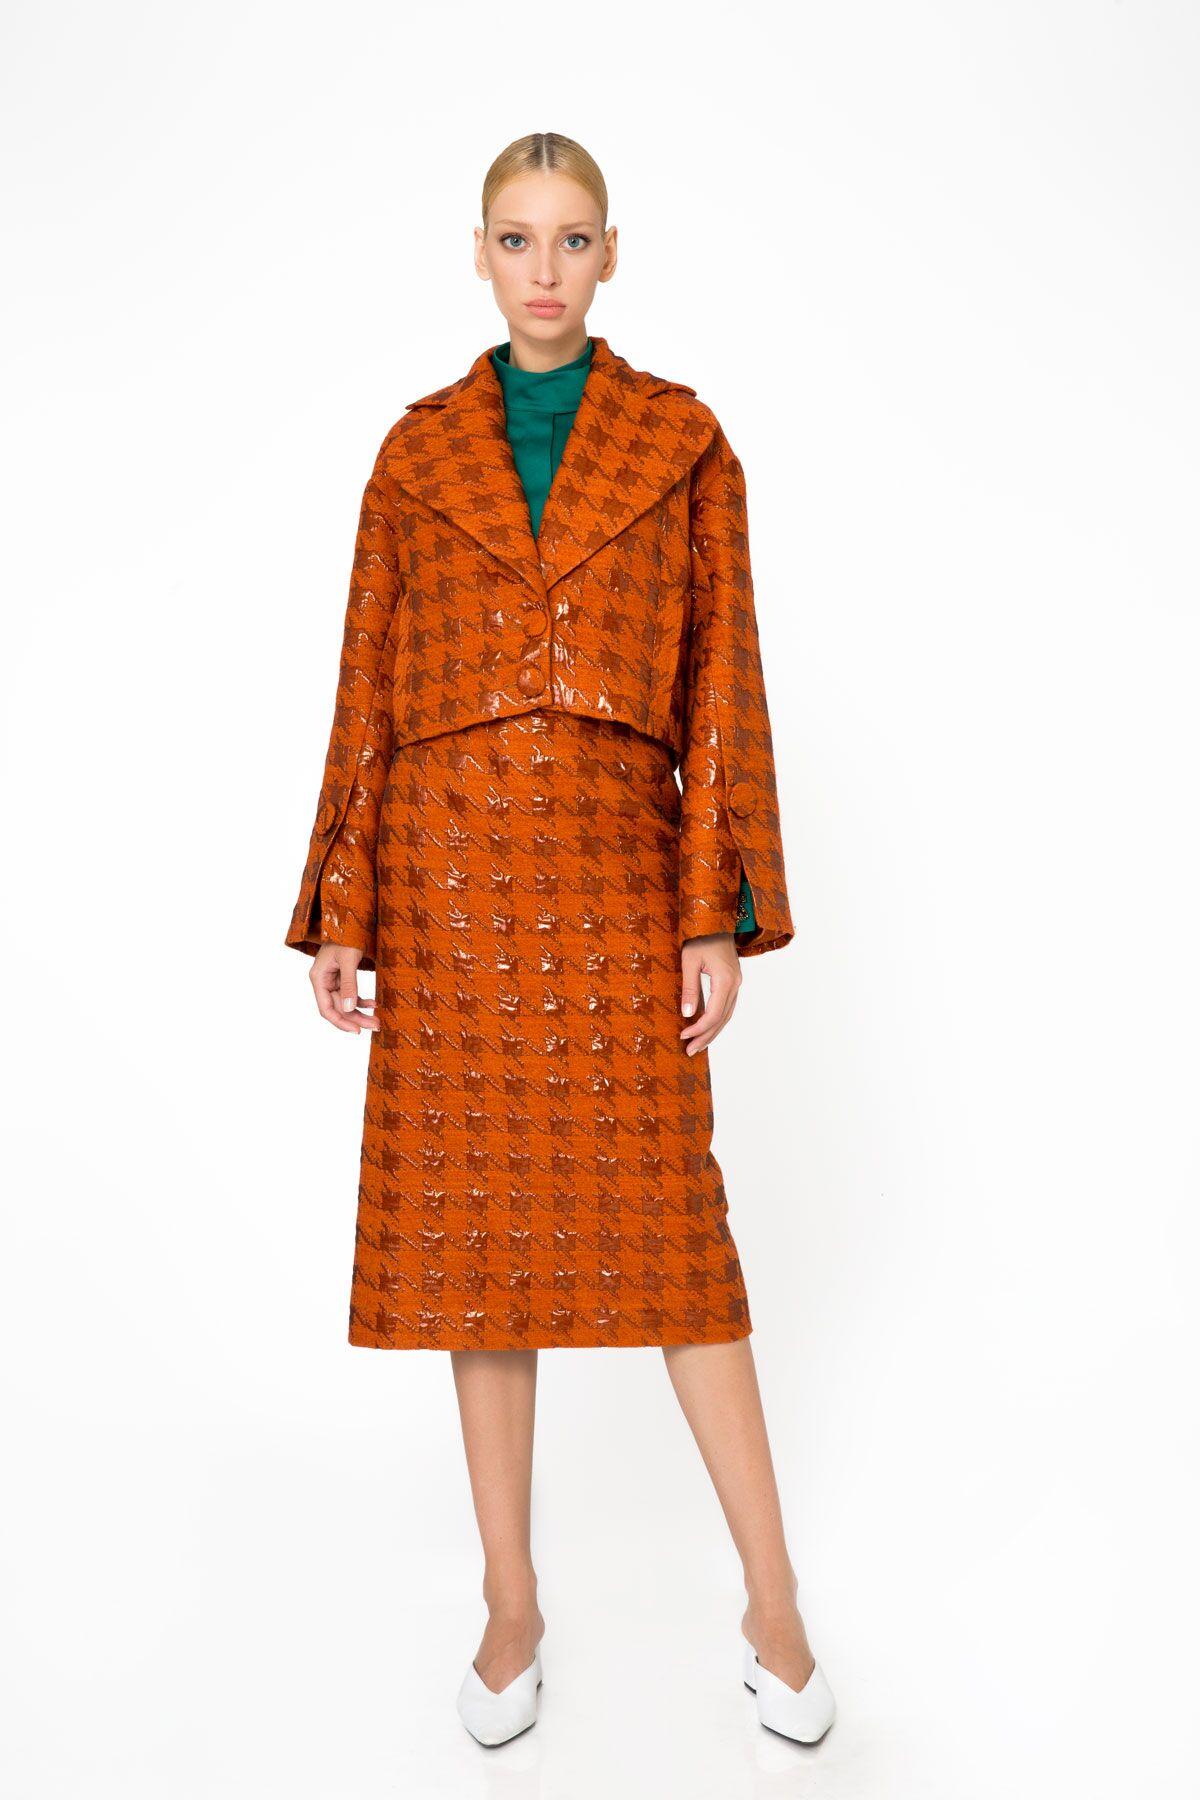 Jacquard Fabric Oversized Sleeve Short Orange Jacket